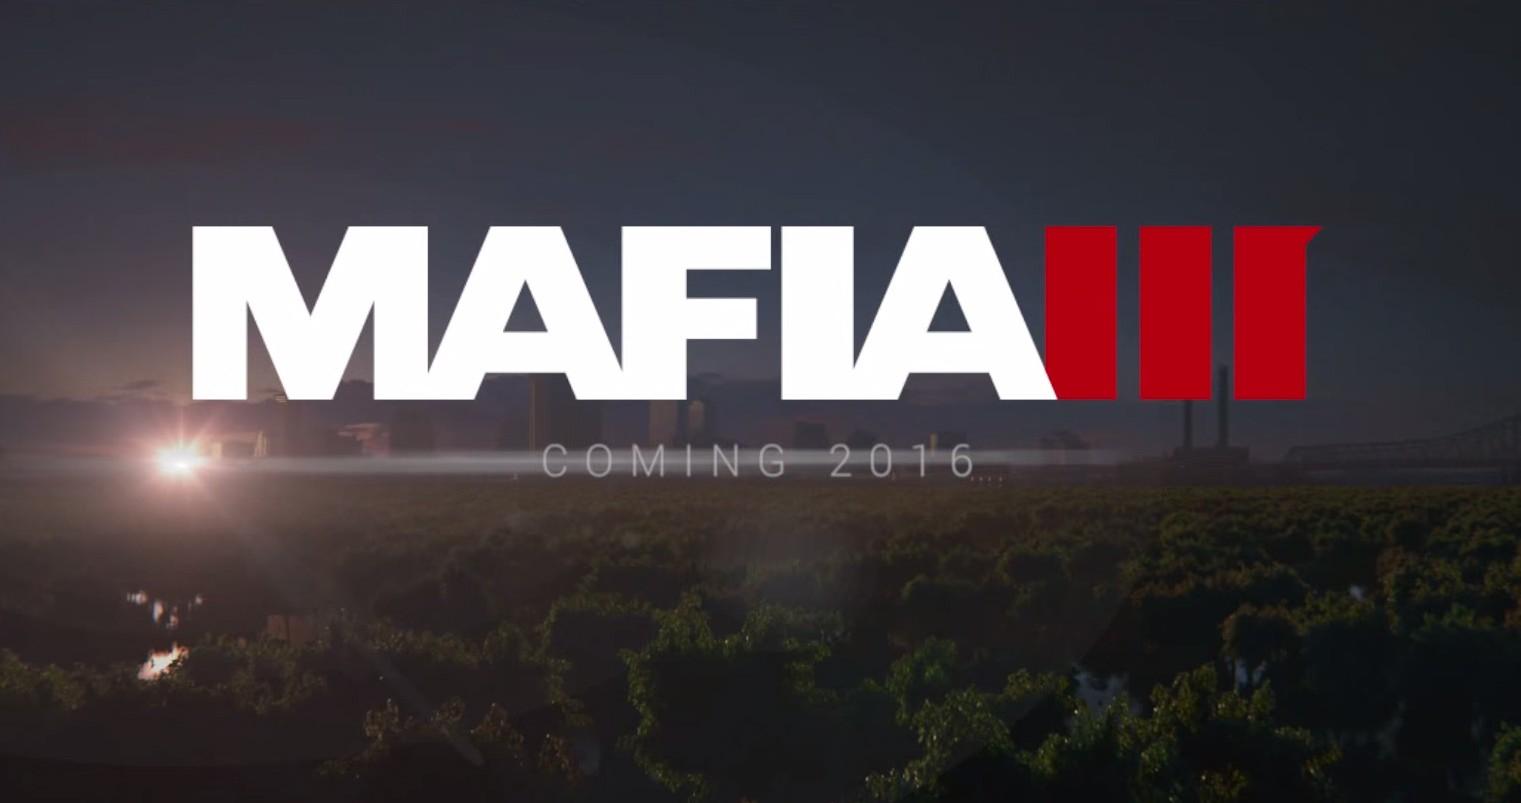 A fost lansat trailerul oficial pentru Mafia III